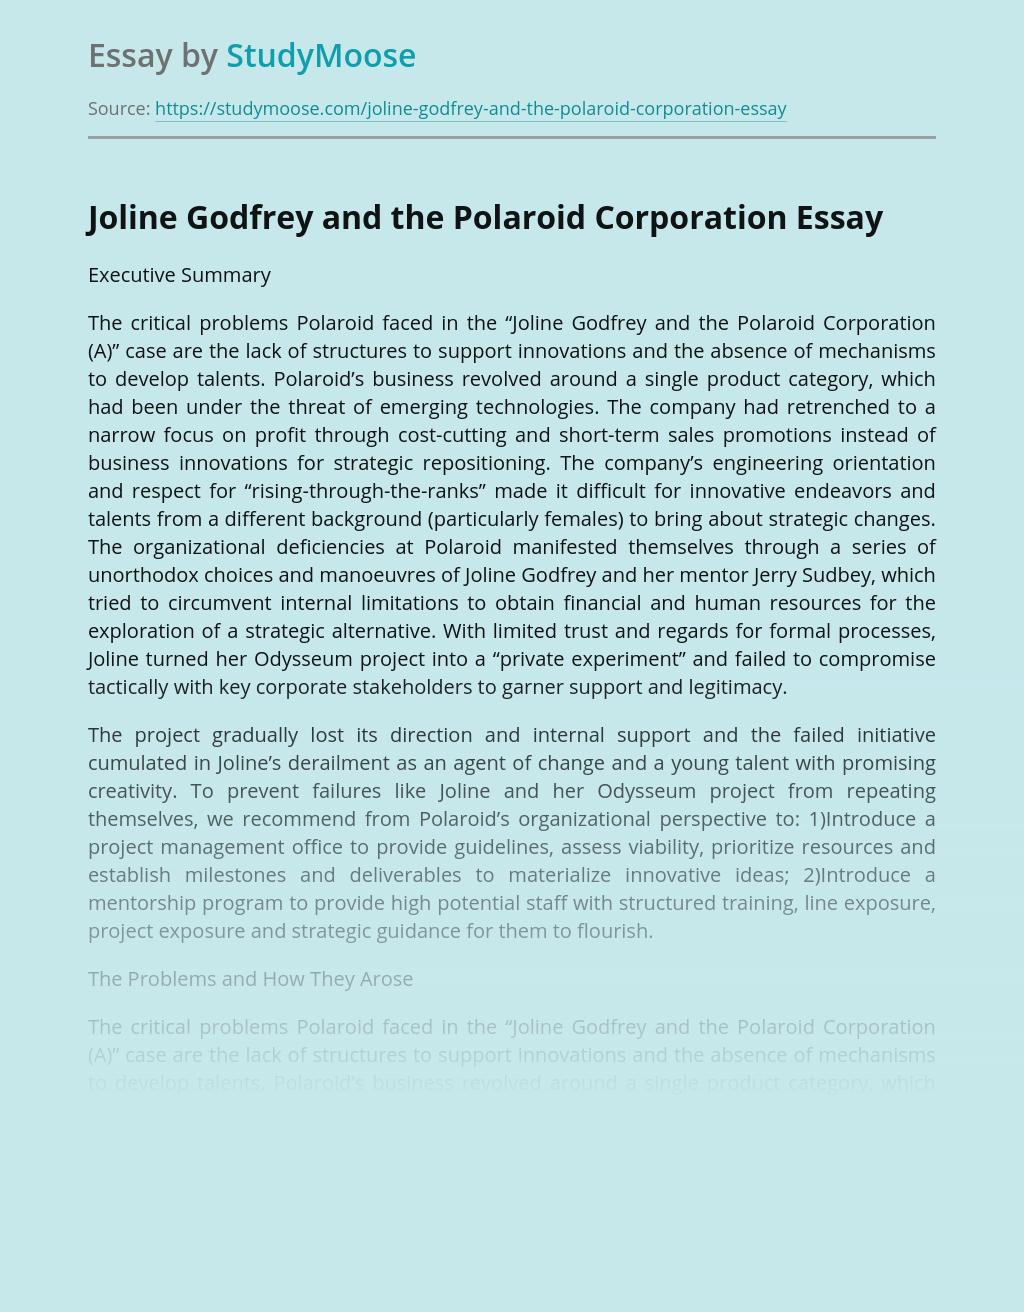 Joline Godfrey and the Polaroid Corporation